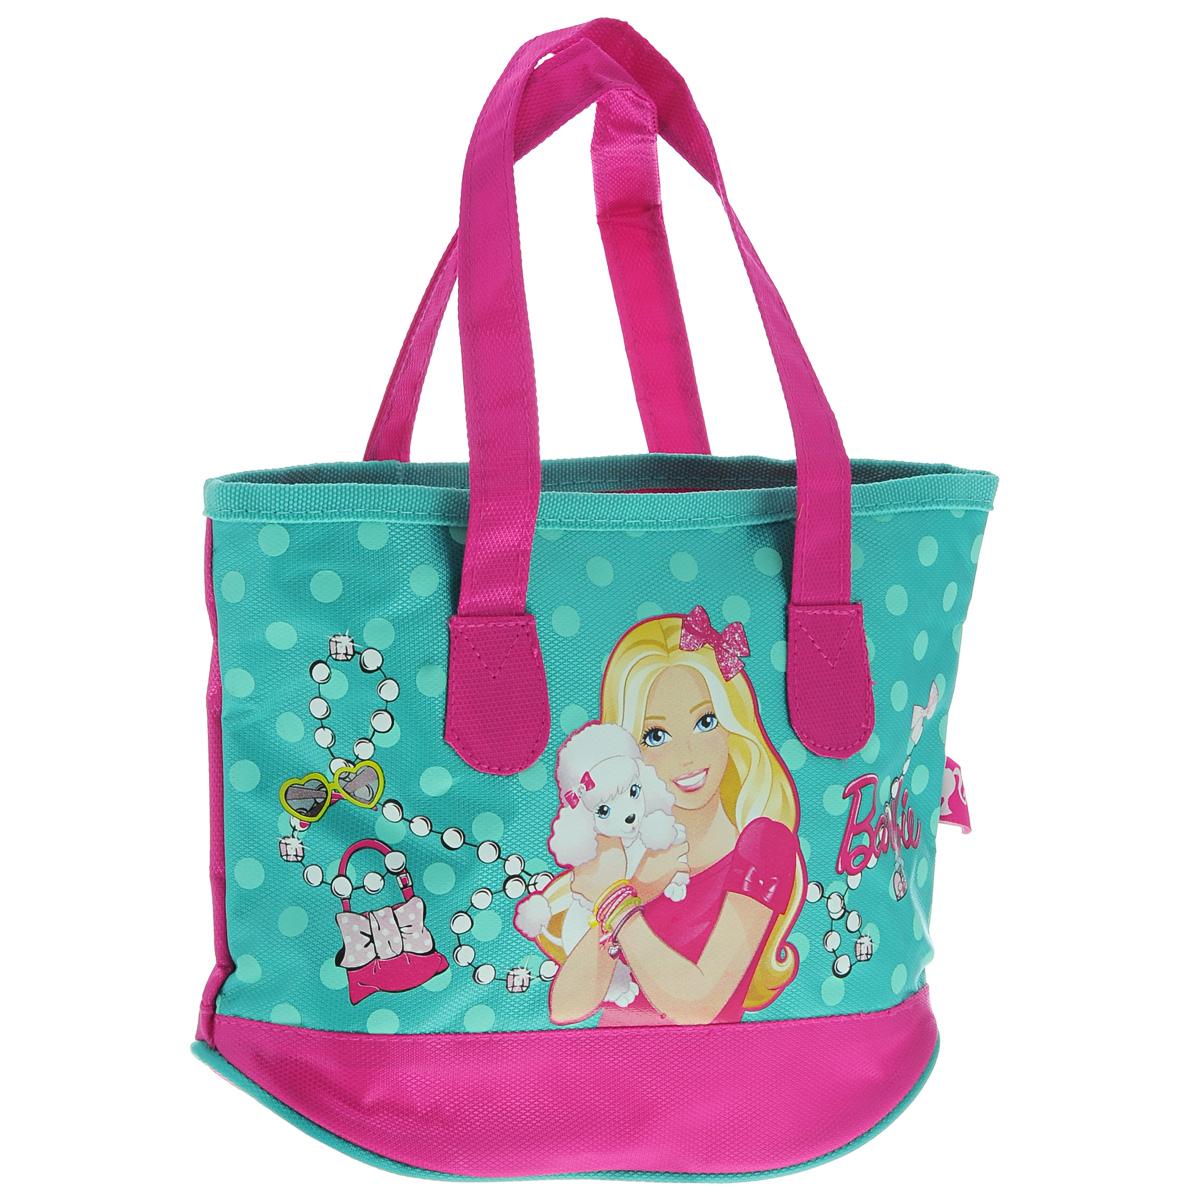 Сумка детская Barbie, цвет: бирюзовый, розовый10642-082/11/082/27 беж/рДетская сумка Barbie выполнена из прочного полиэстера и оформлена термоаппликацией с изображением Барби, обнимающей белого пуделя. Сумочка содержит одно отделение и закрывается на застежку-молнию.Сумочка оснащена двумя ручками для переноски.Рекомендуемый возраст: от 3 лет.